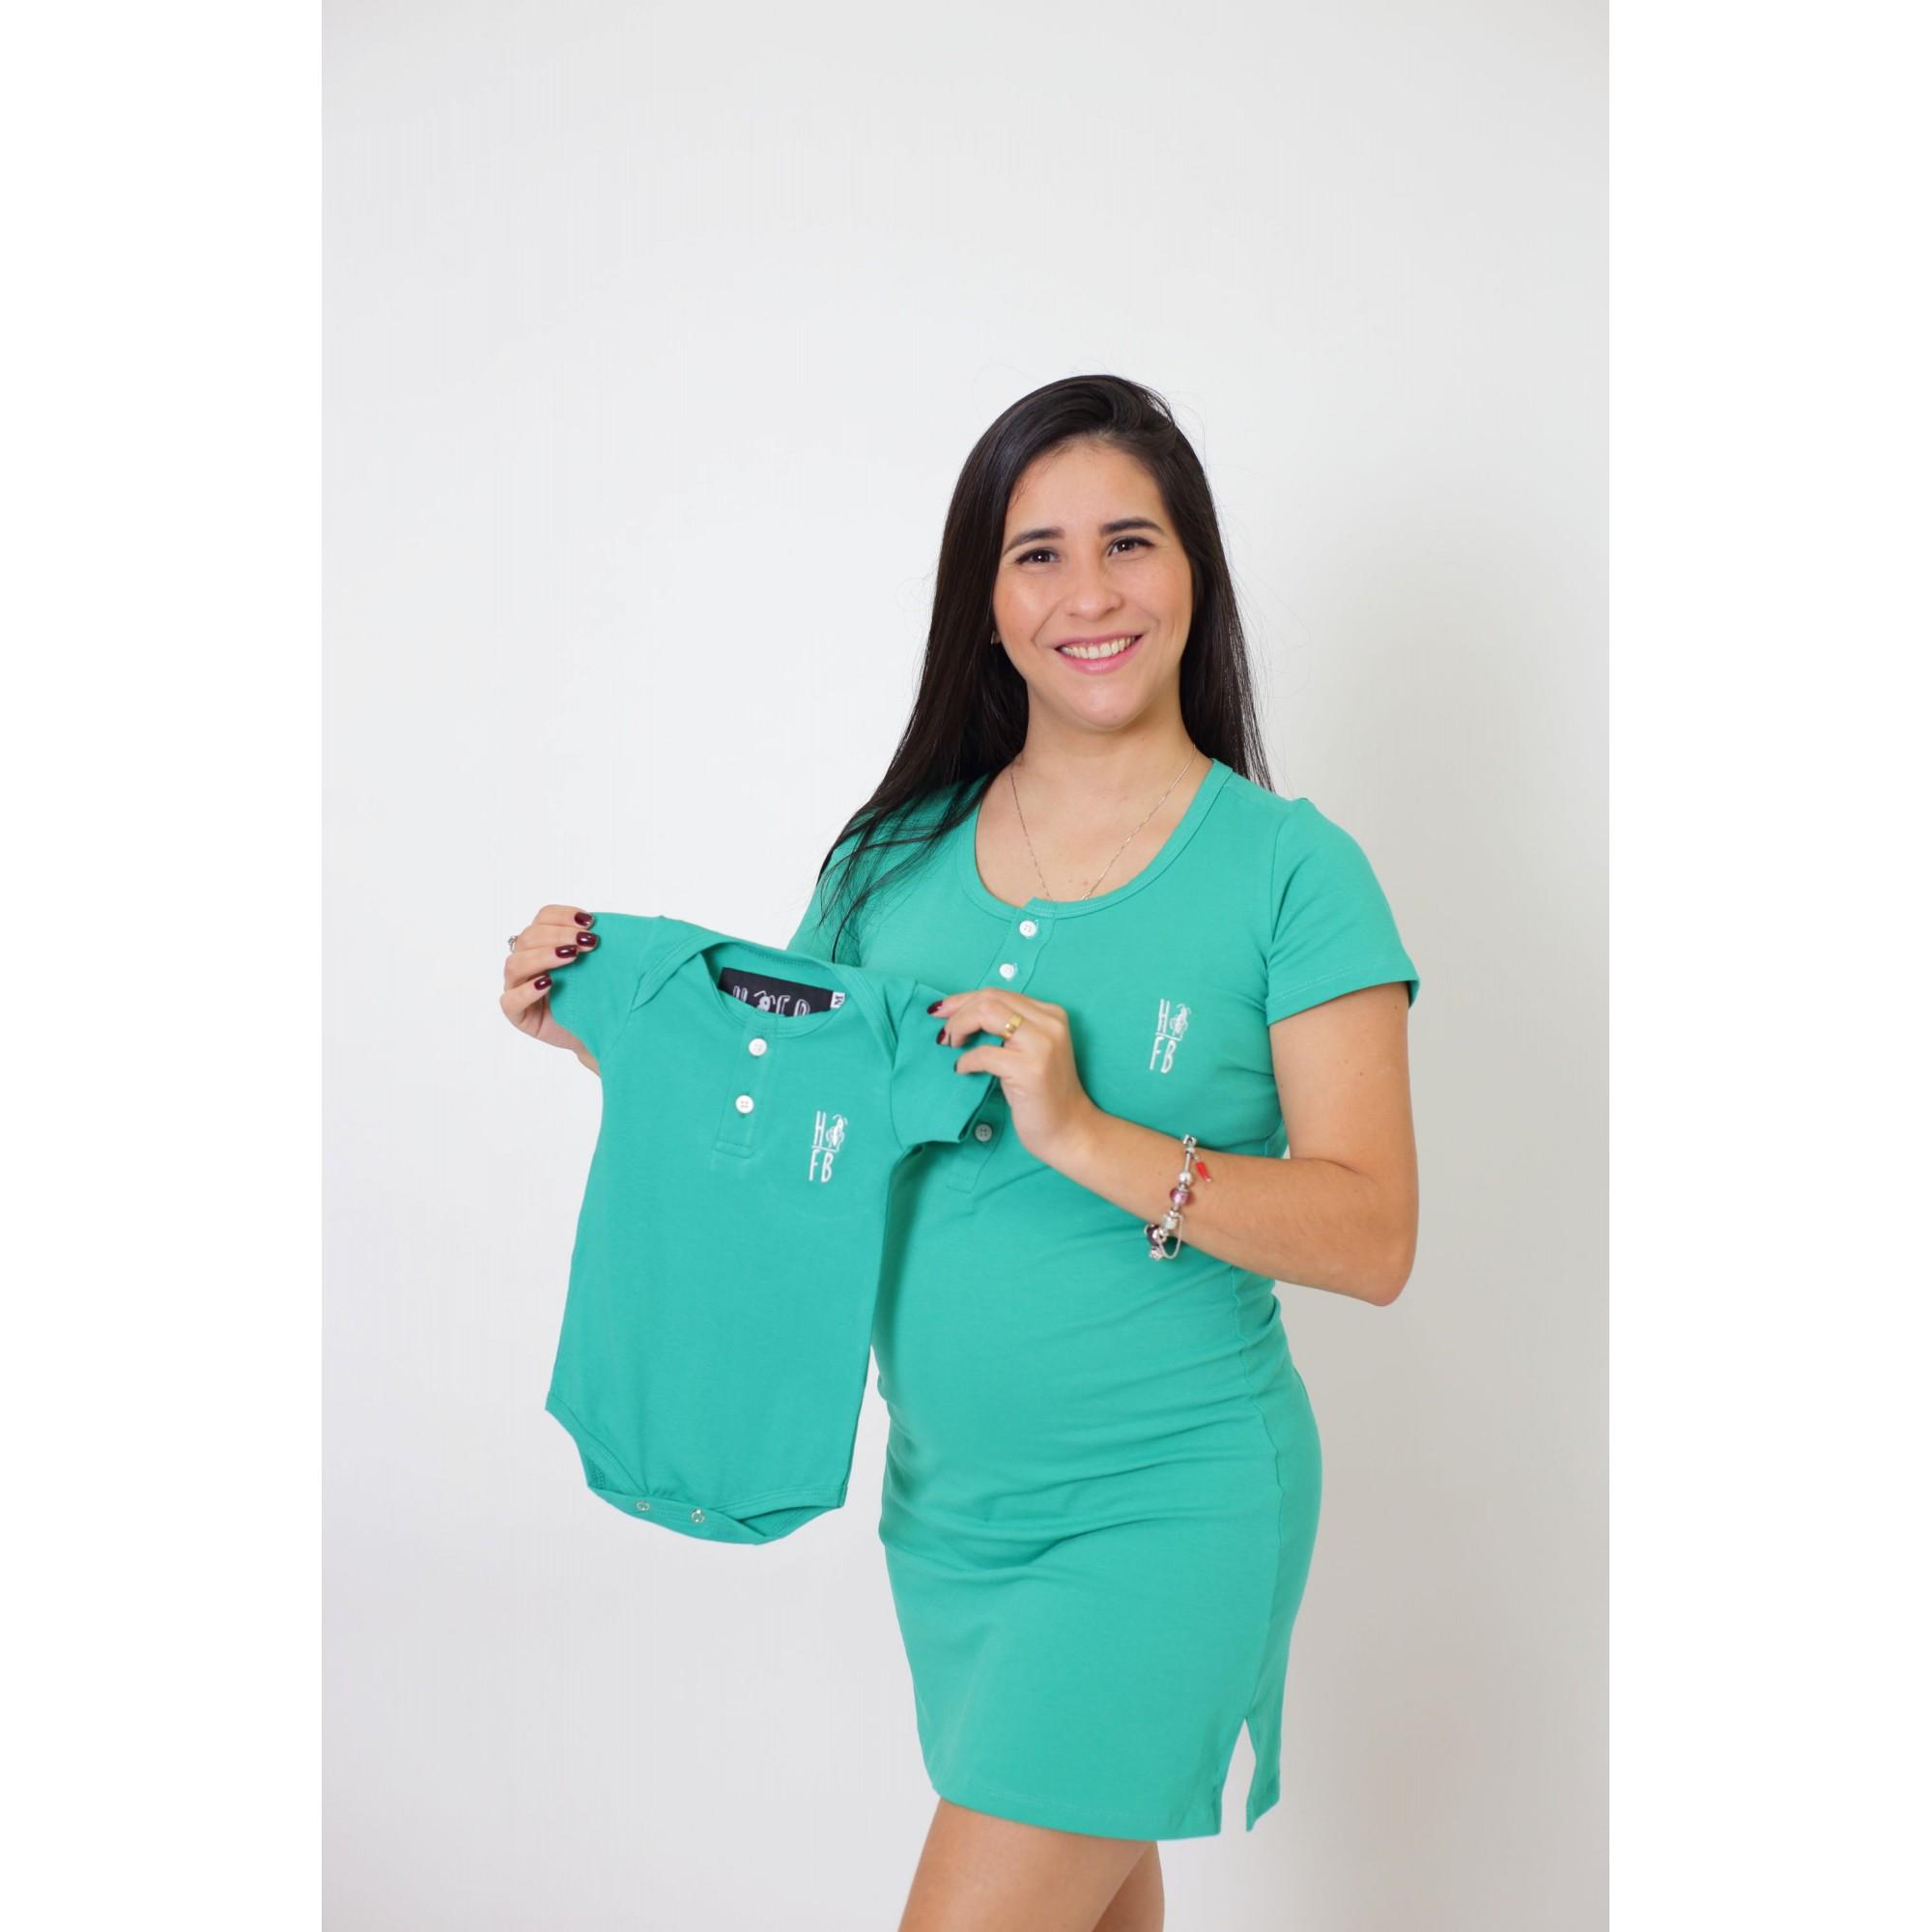 PAIS E FILHOS > Kit 3 Peças T-Shirt + Vestido + Body Unissex Henley - Verde Jade [Coleção Família]  - Heitor Fashion Brazil